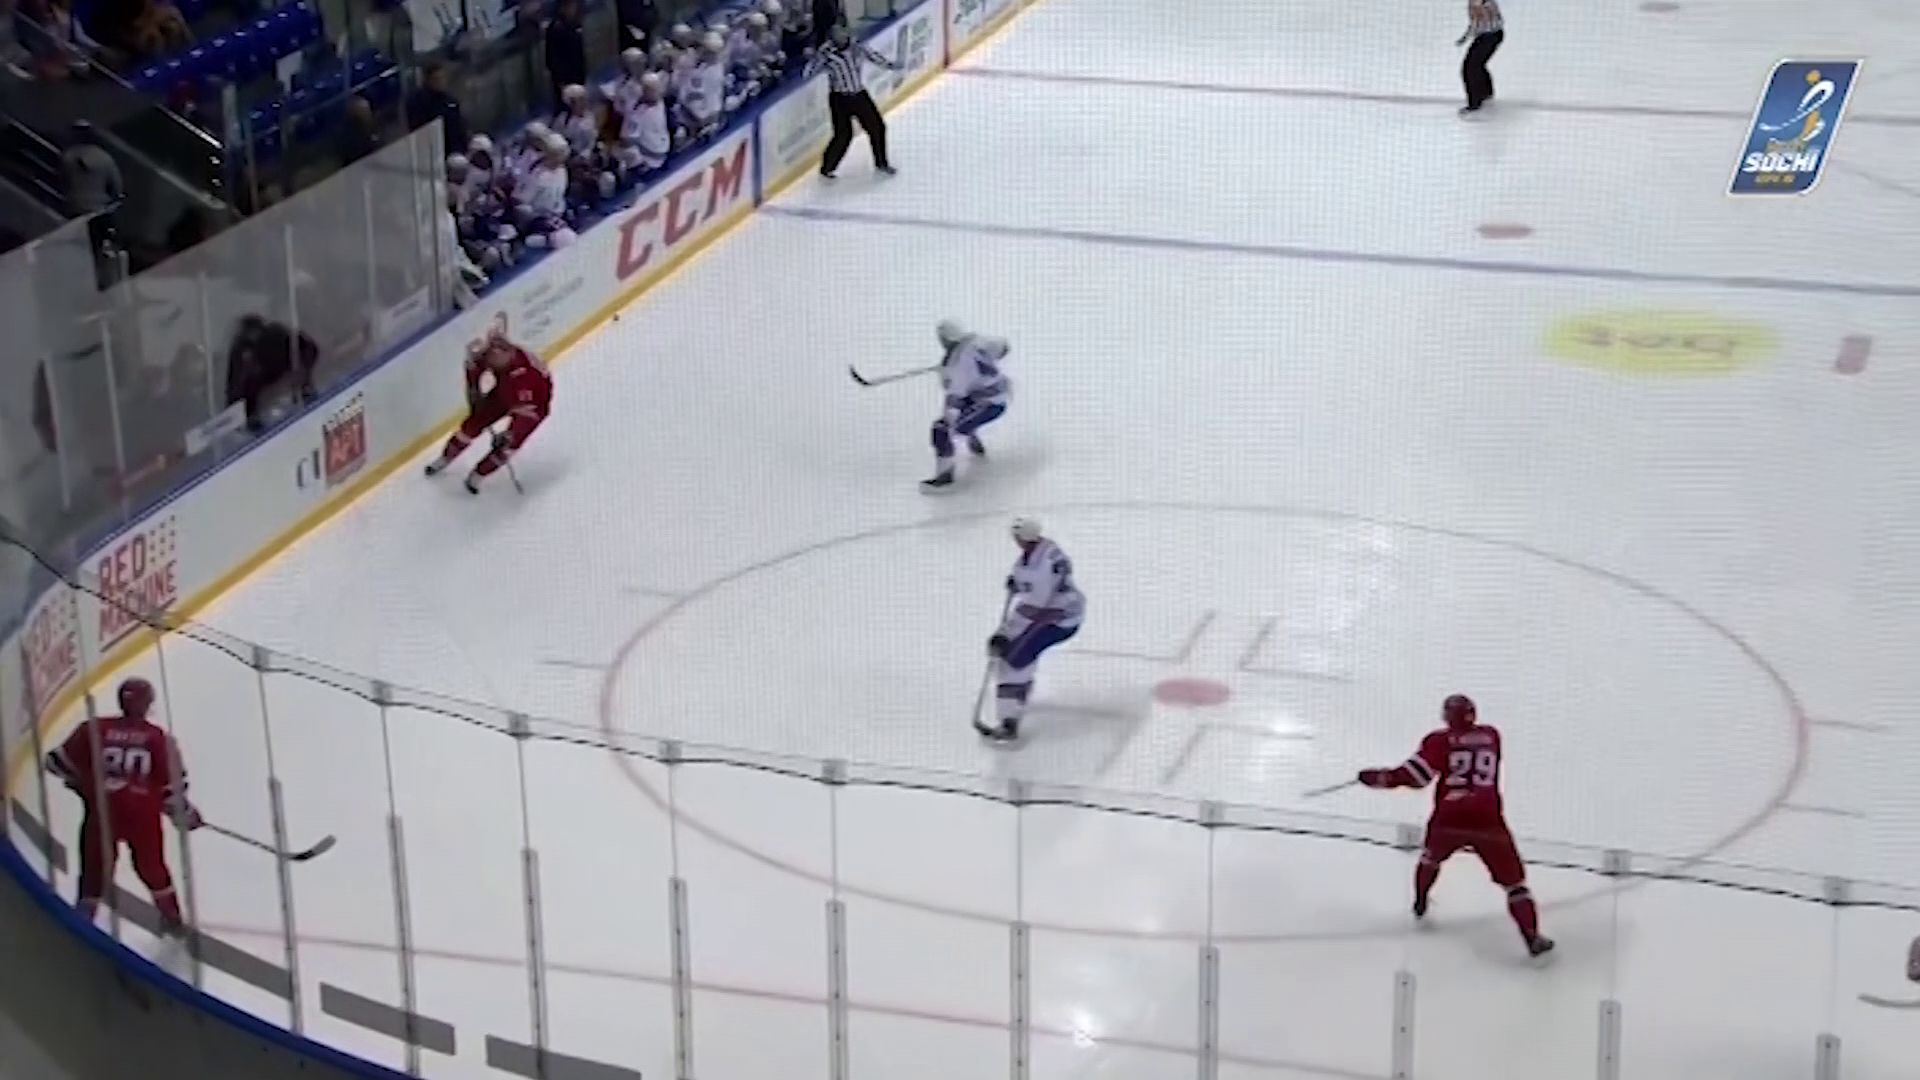 Ярославский «Локомотив» выиграл предсезонный турнир «Sochi Hockey Open»